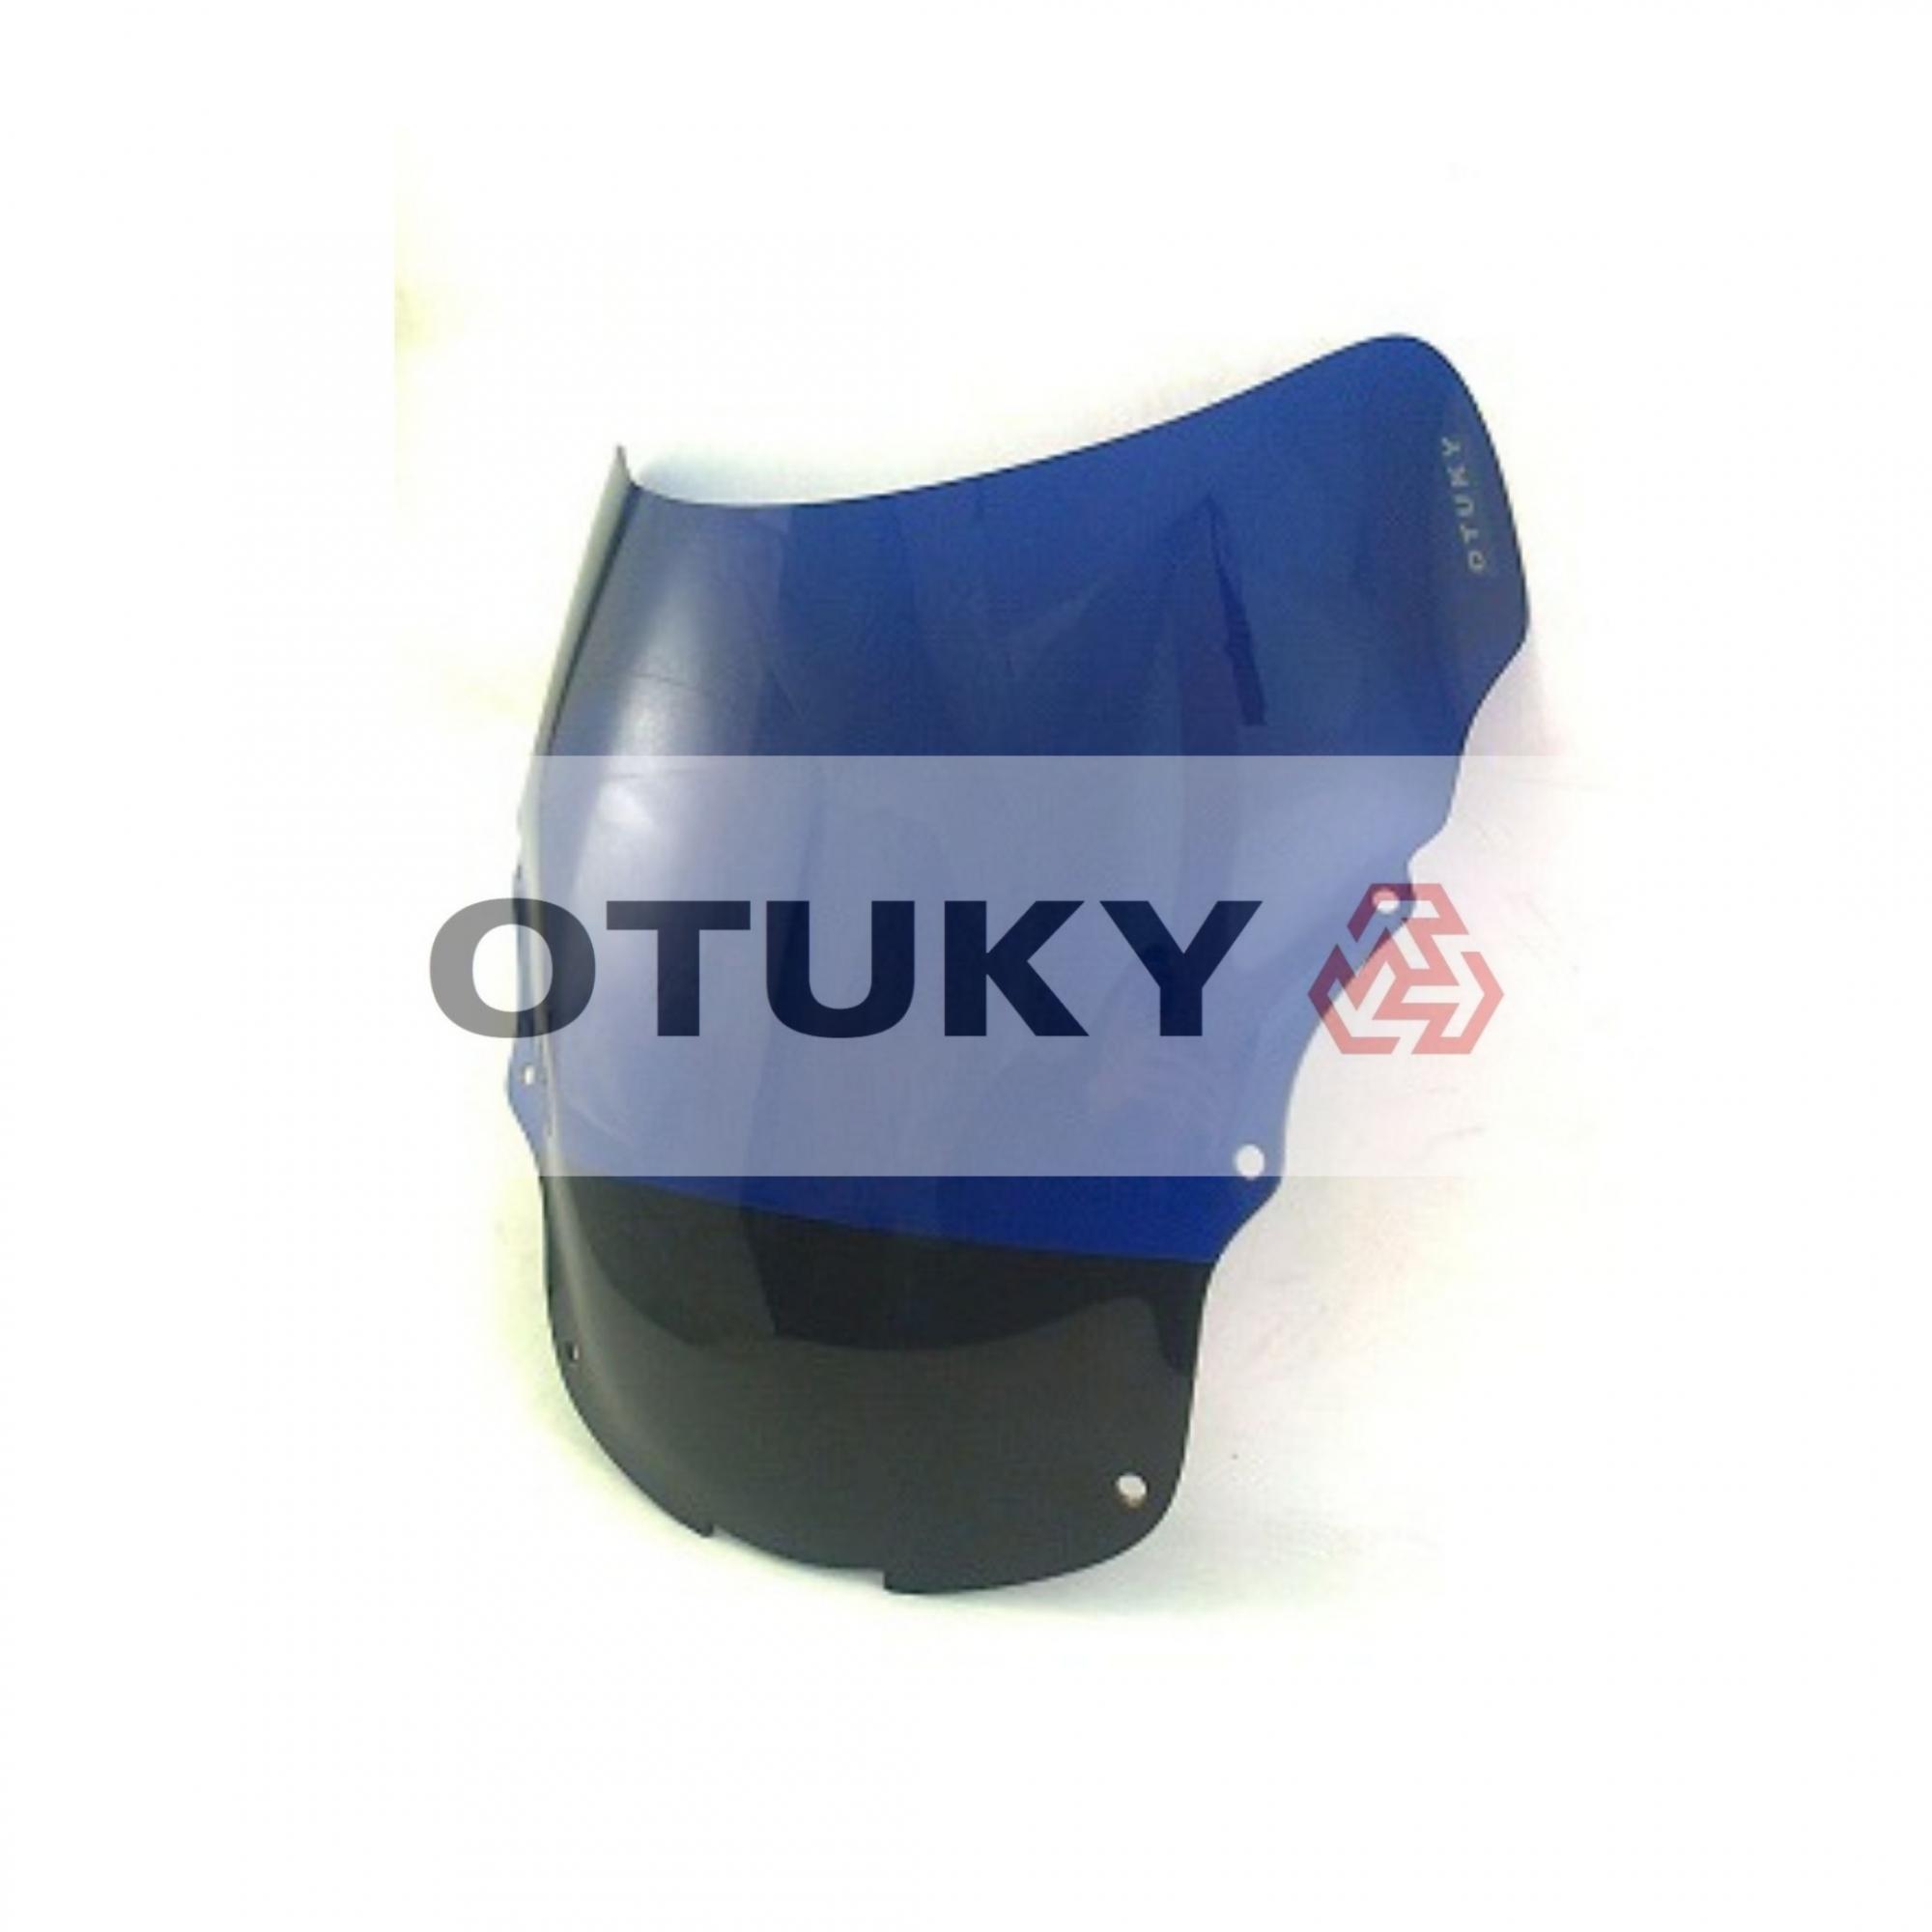 Bolha para Moto CBR 1100 Xx Blackbird 1997 1998 1999 2000 2001 2002 2003 2004 2005 Otuky Padrão Azul Escuro